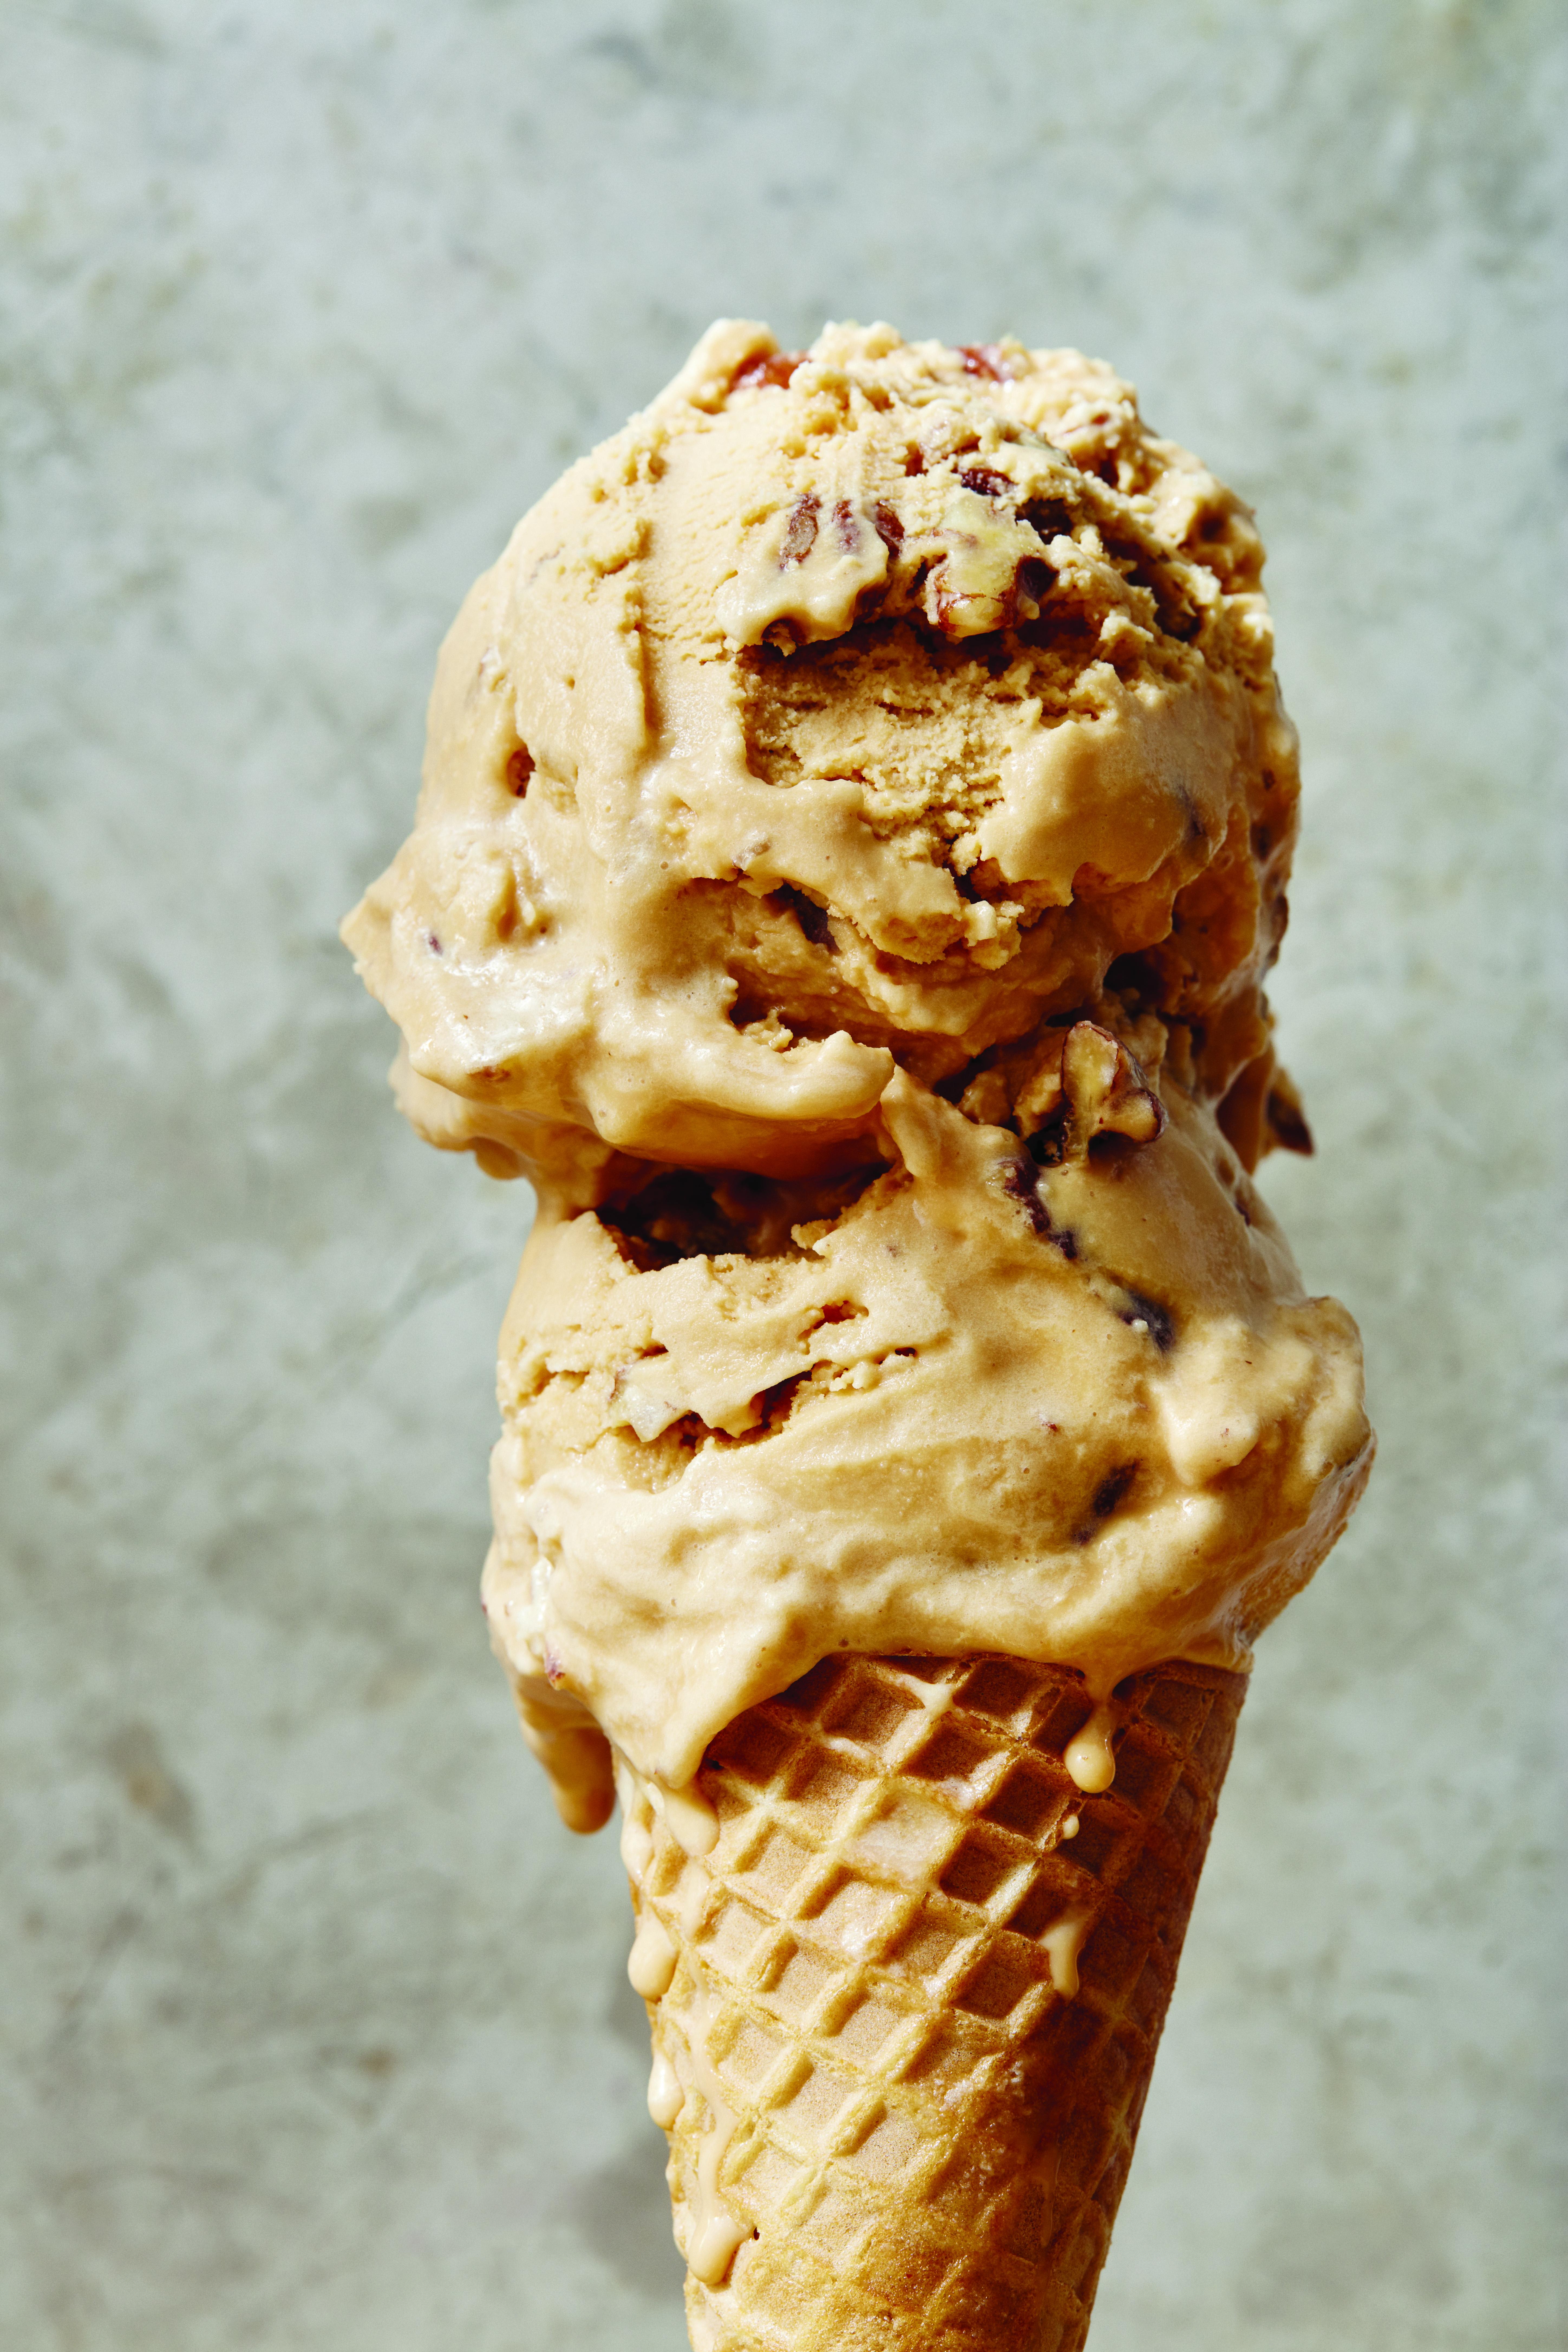 photo of caramel ice cream cone